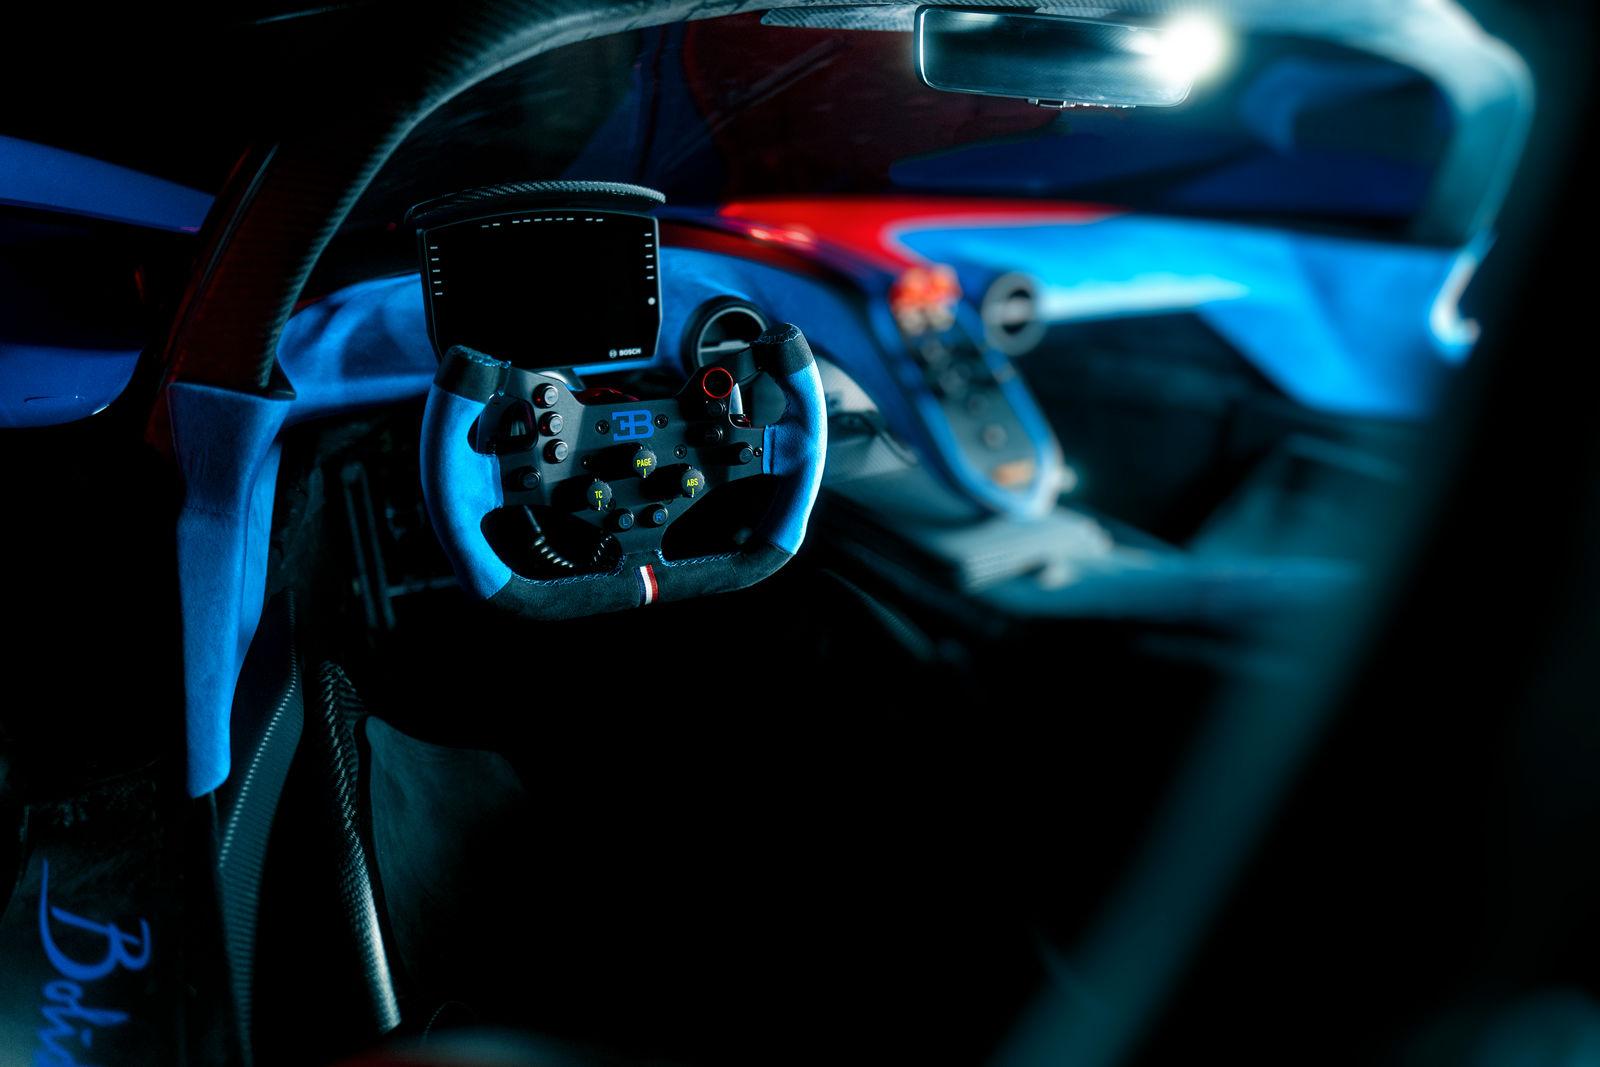 bugatti bolide supercar